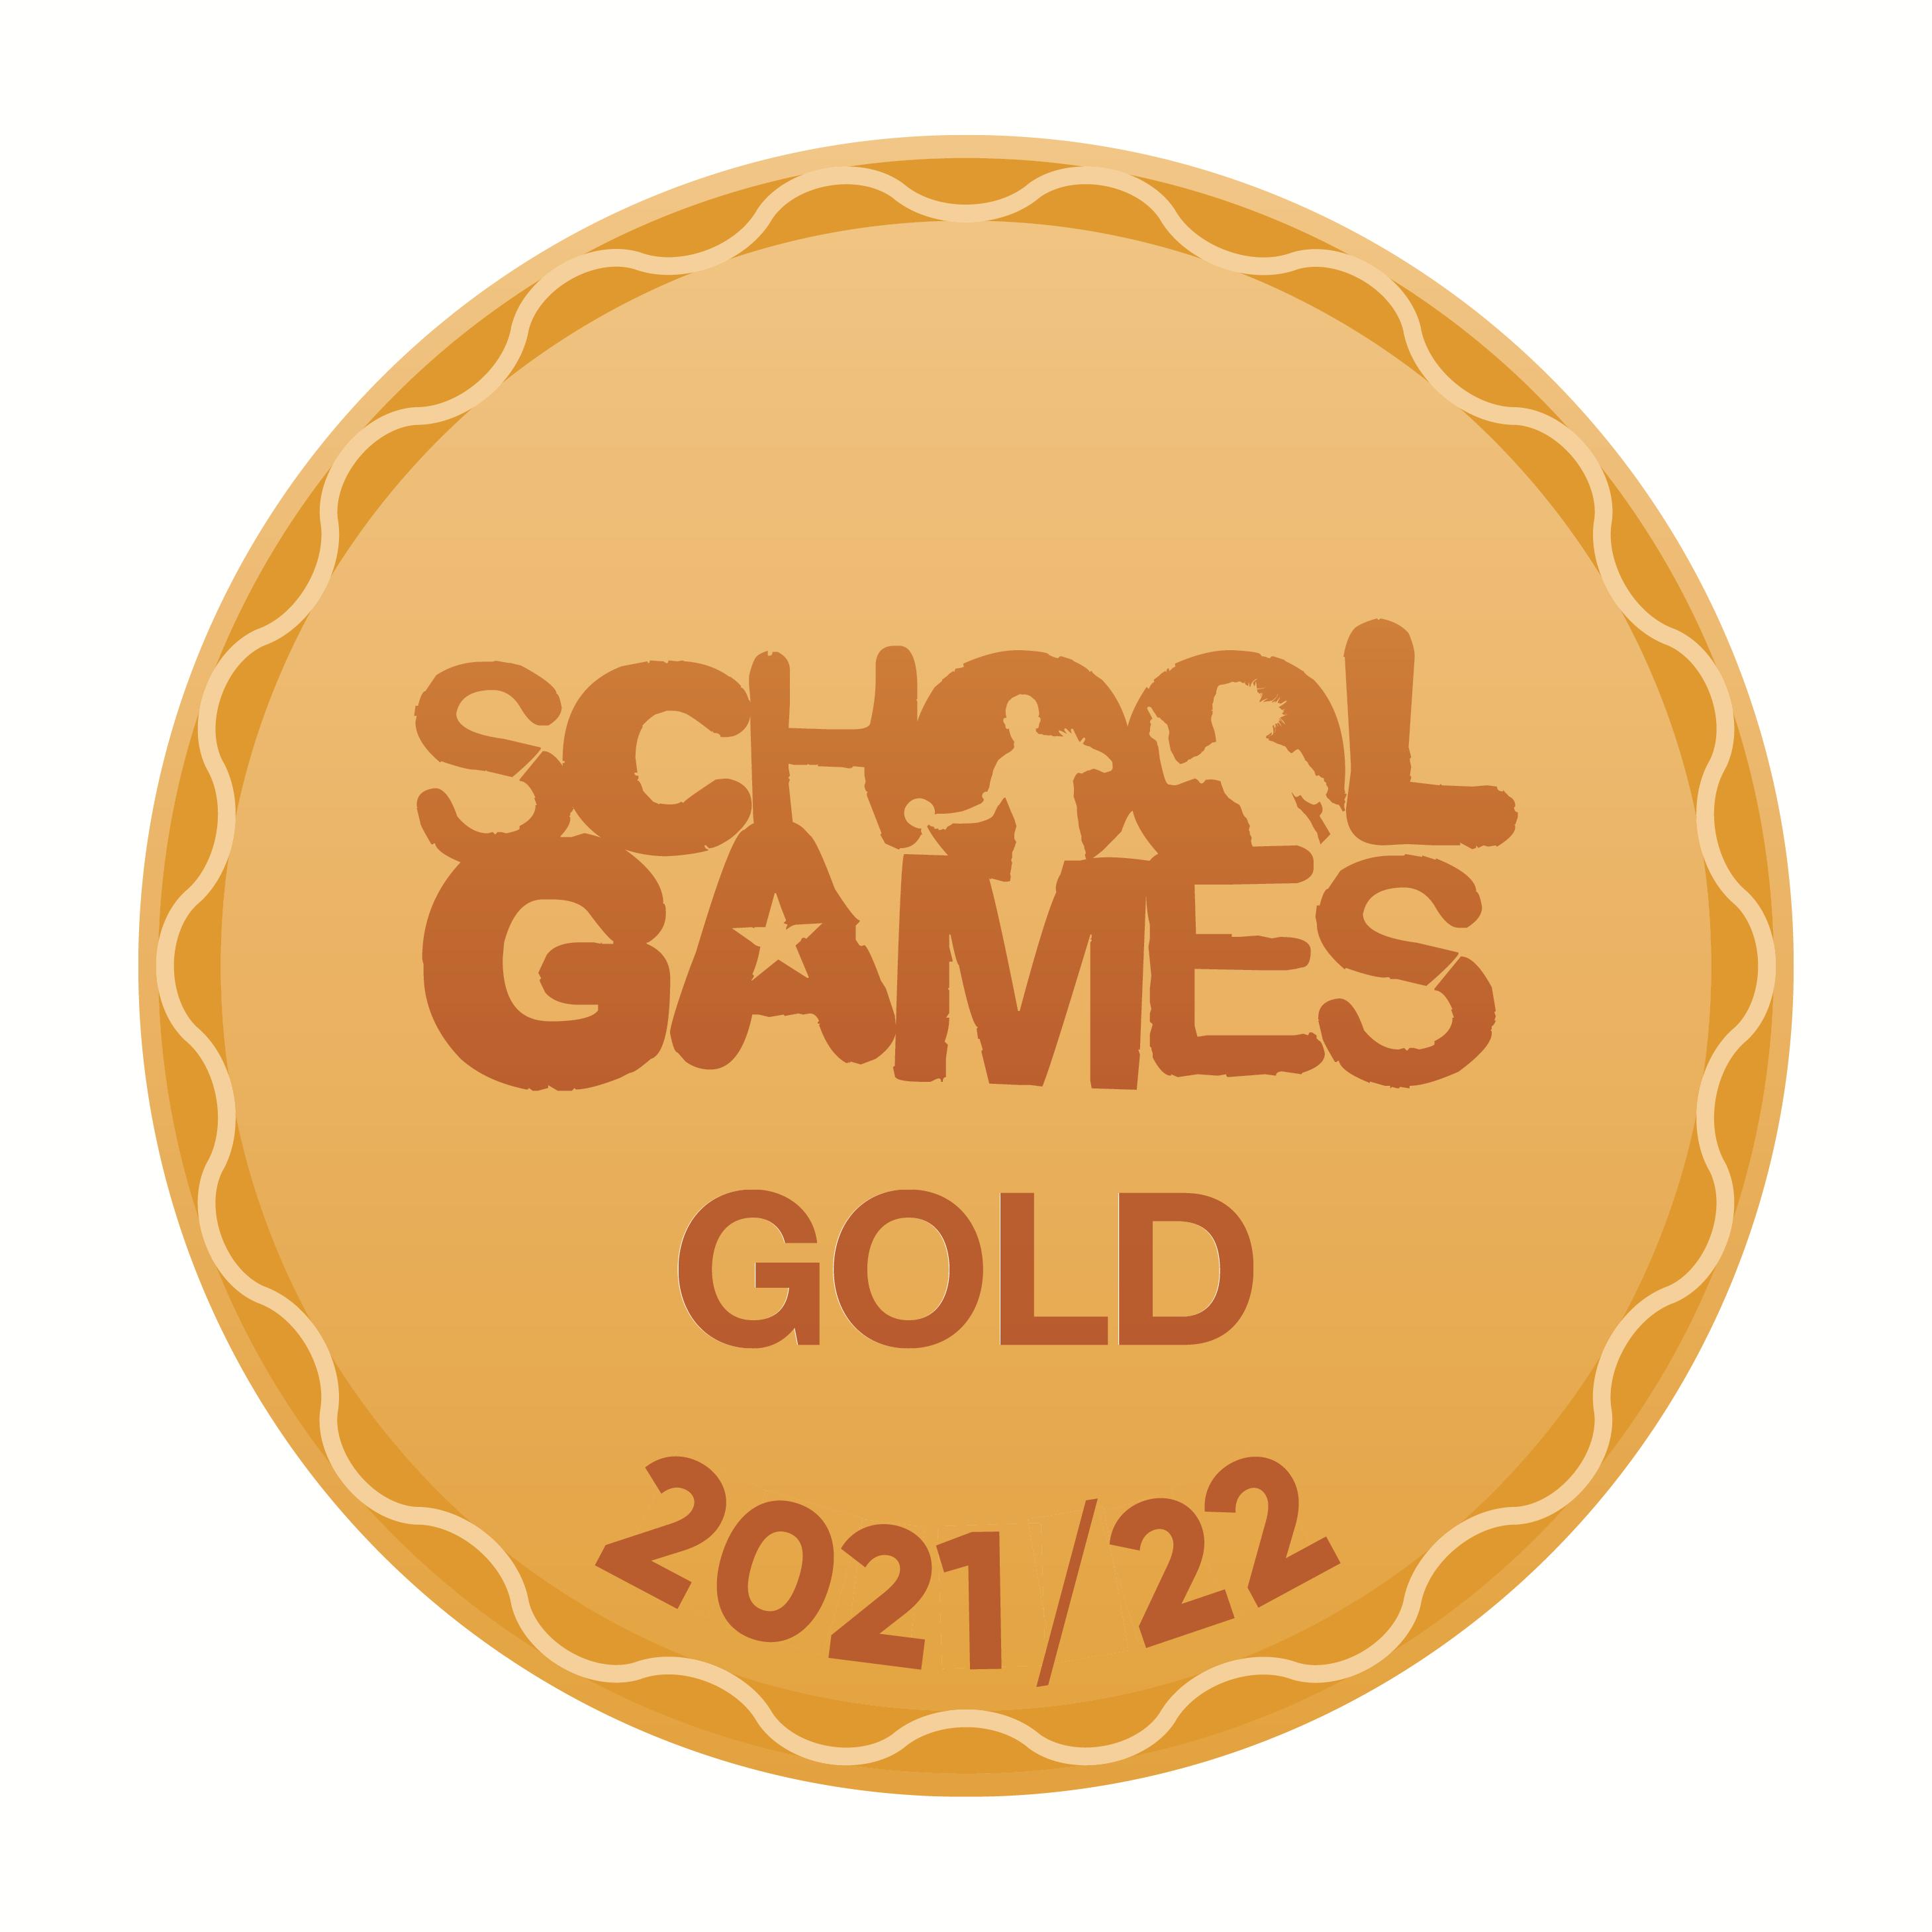 School Games: Gold